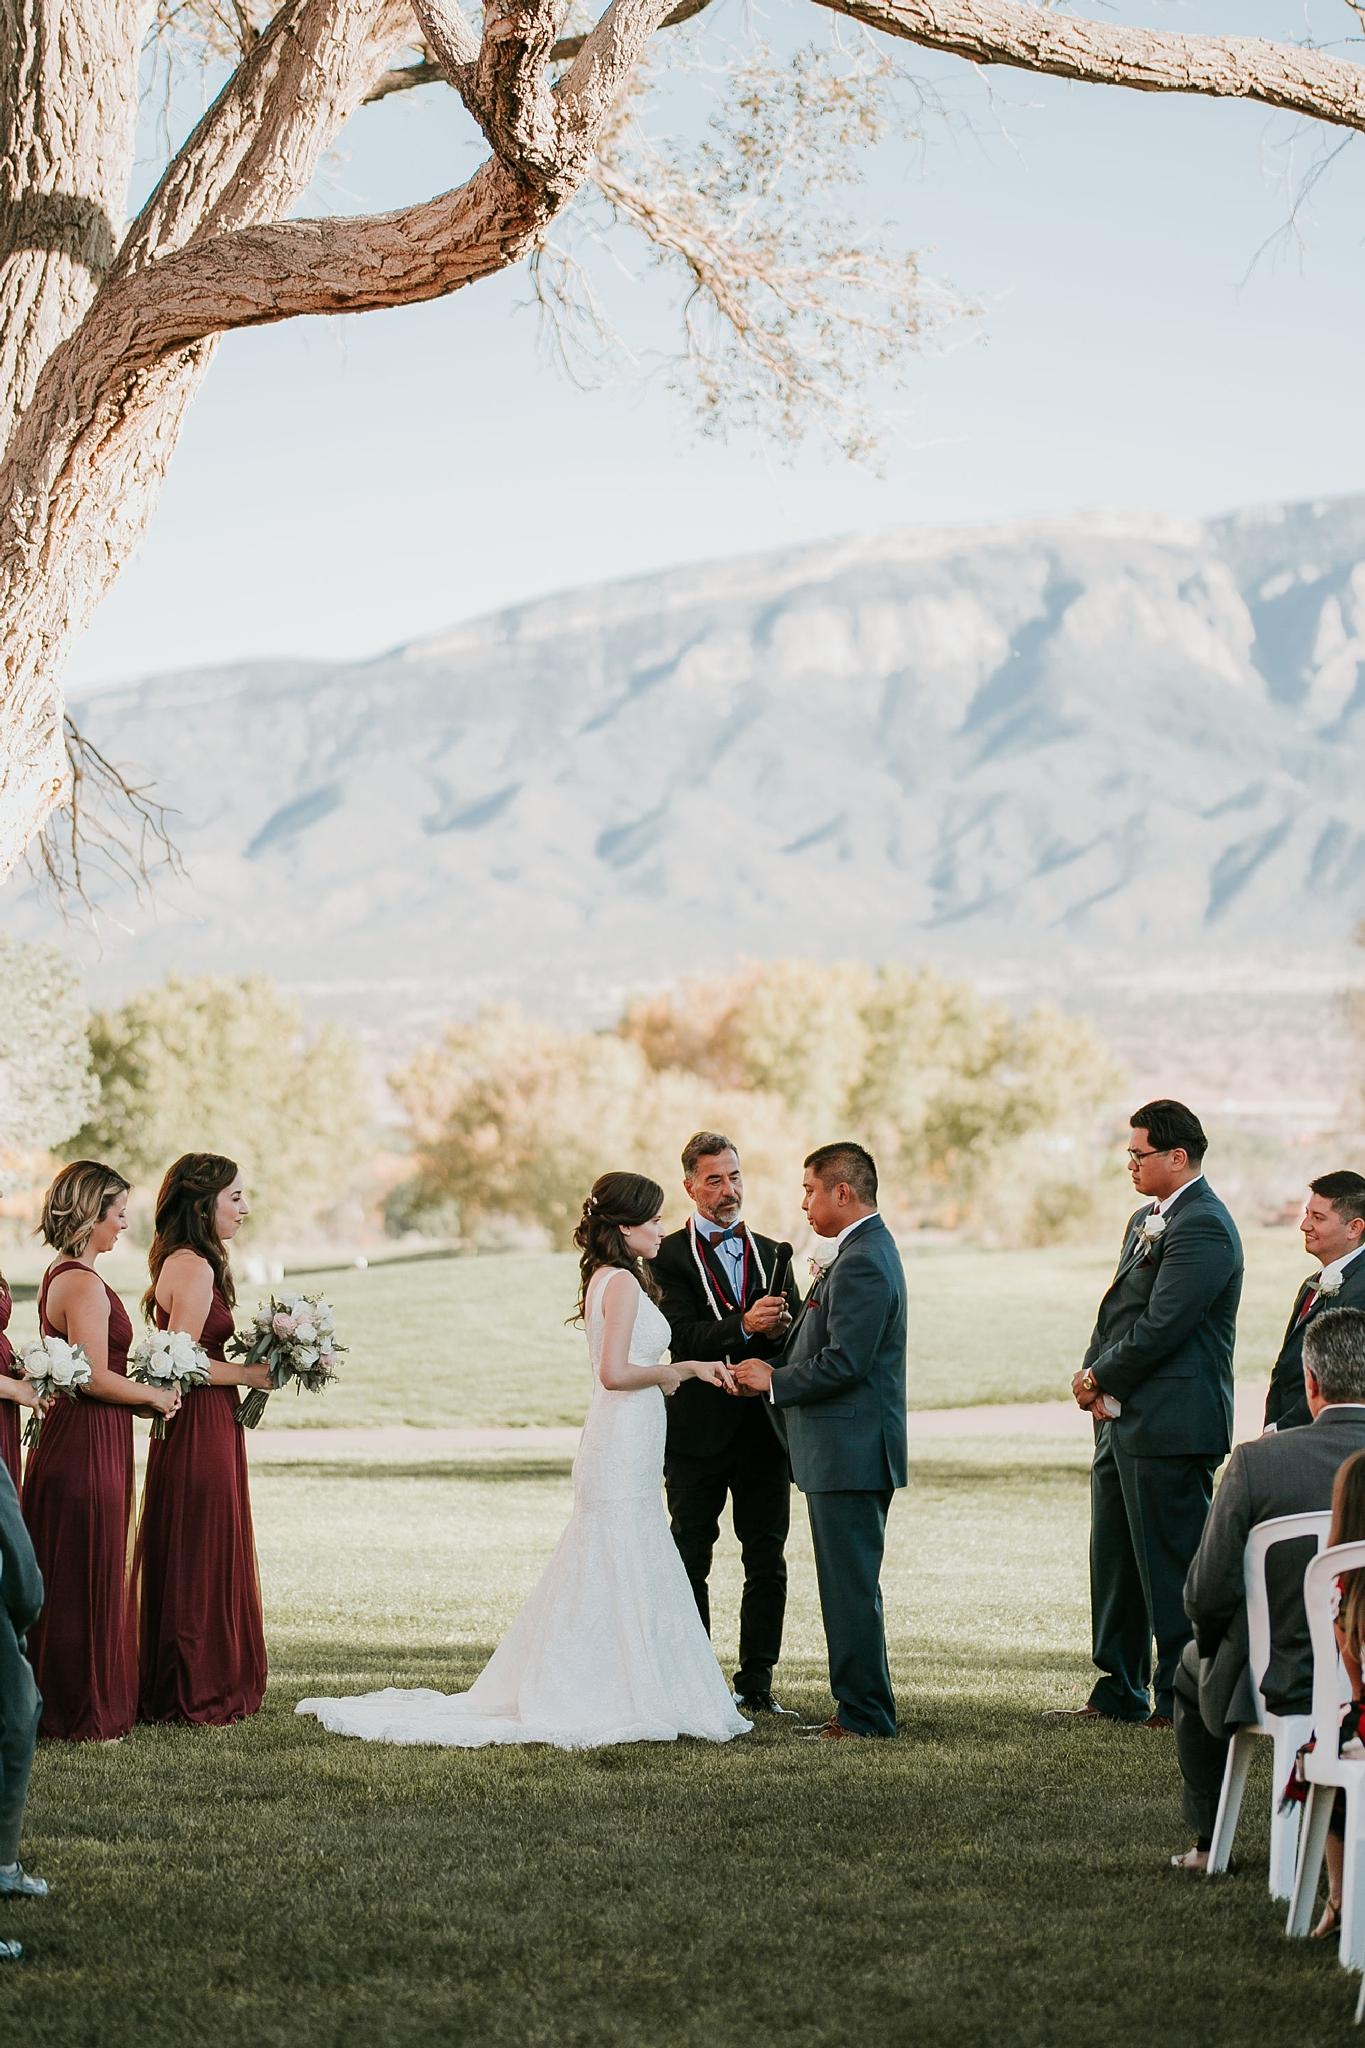 Alicia+lucia+photography+-+albuquerque+wedding+photographer+-+santa+fe+wedding+photography+-+new+mexico+wedding+photographer+-+new+mexico+wedding+-+wedding+vows+-+writing+your+own+vows+-+wedding+inspo_0011.jpg